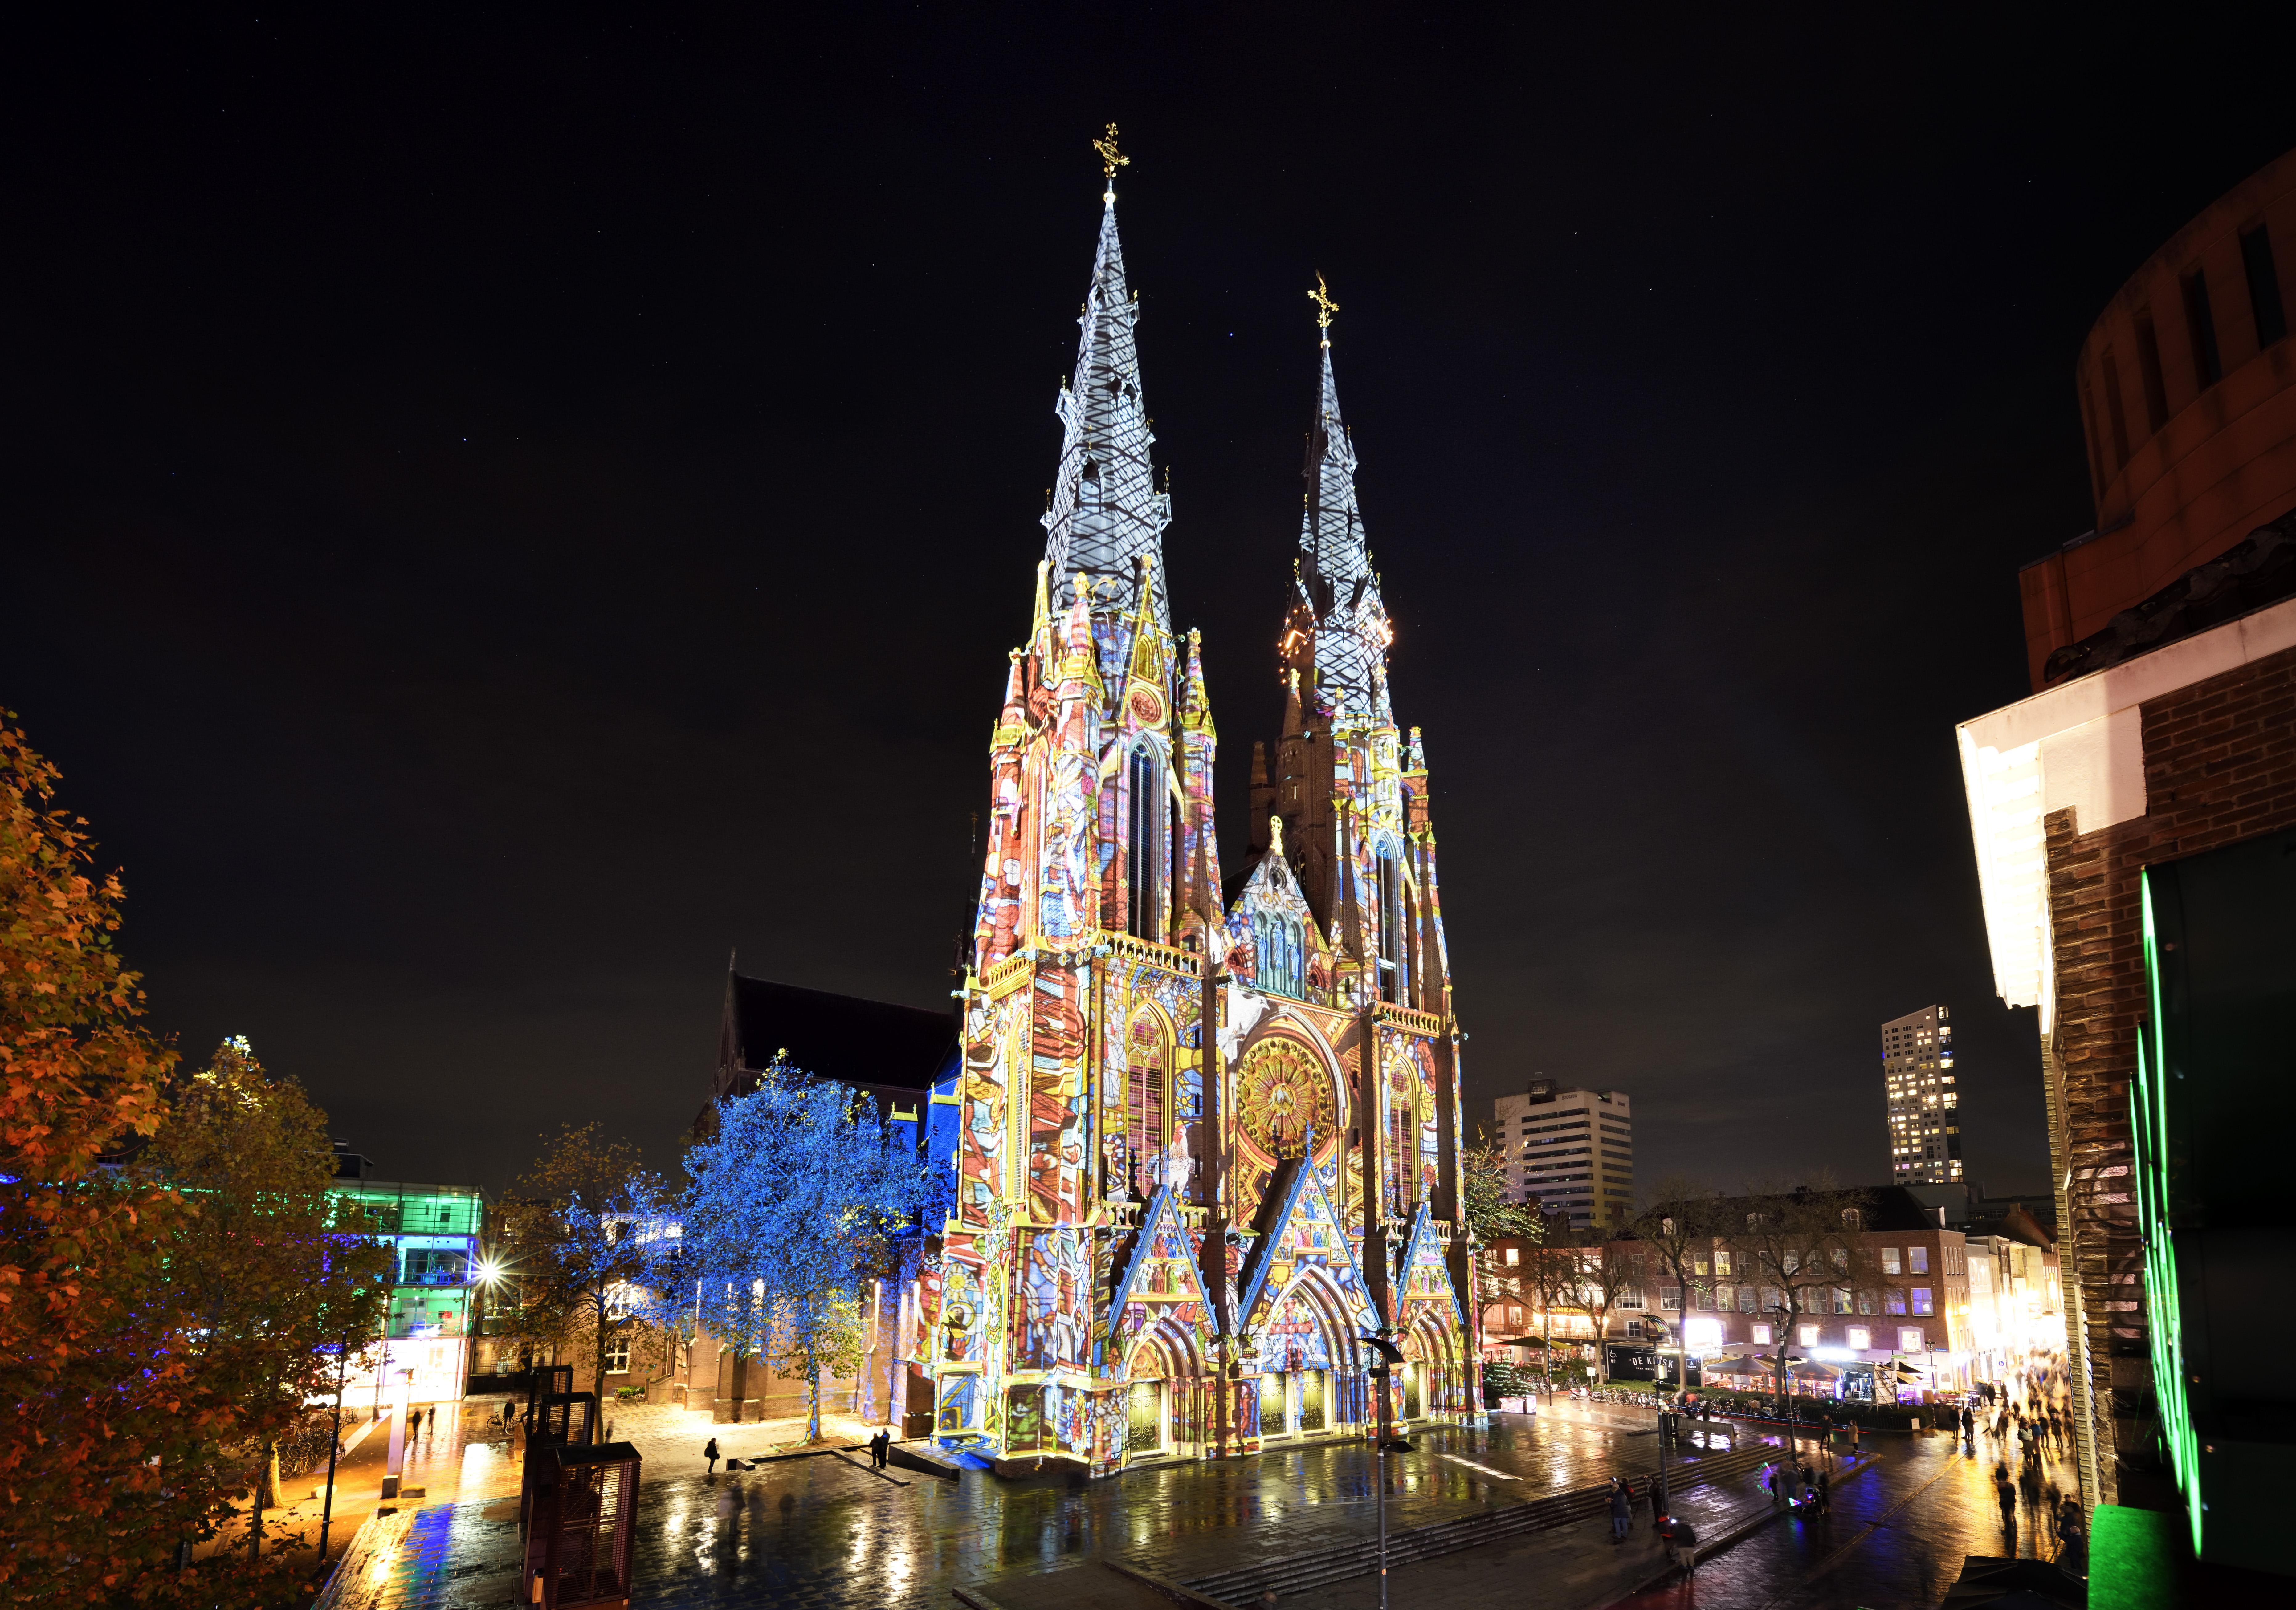 네덜란드 11월의 빛나는 밤 무료 페스티벌, 암스테르담 Light Festival과 아인트호벤 GLOW